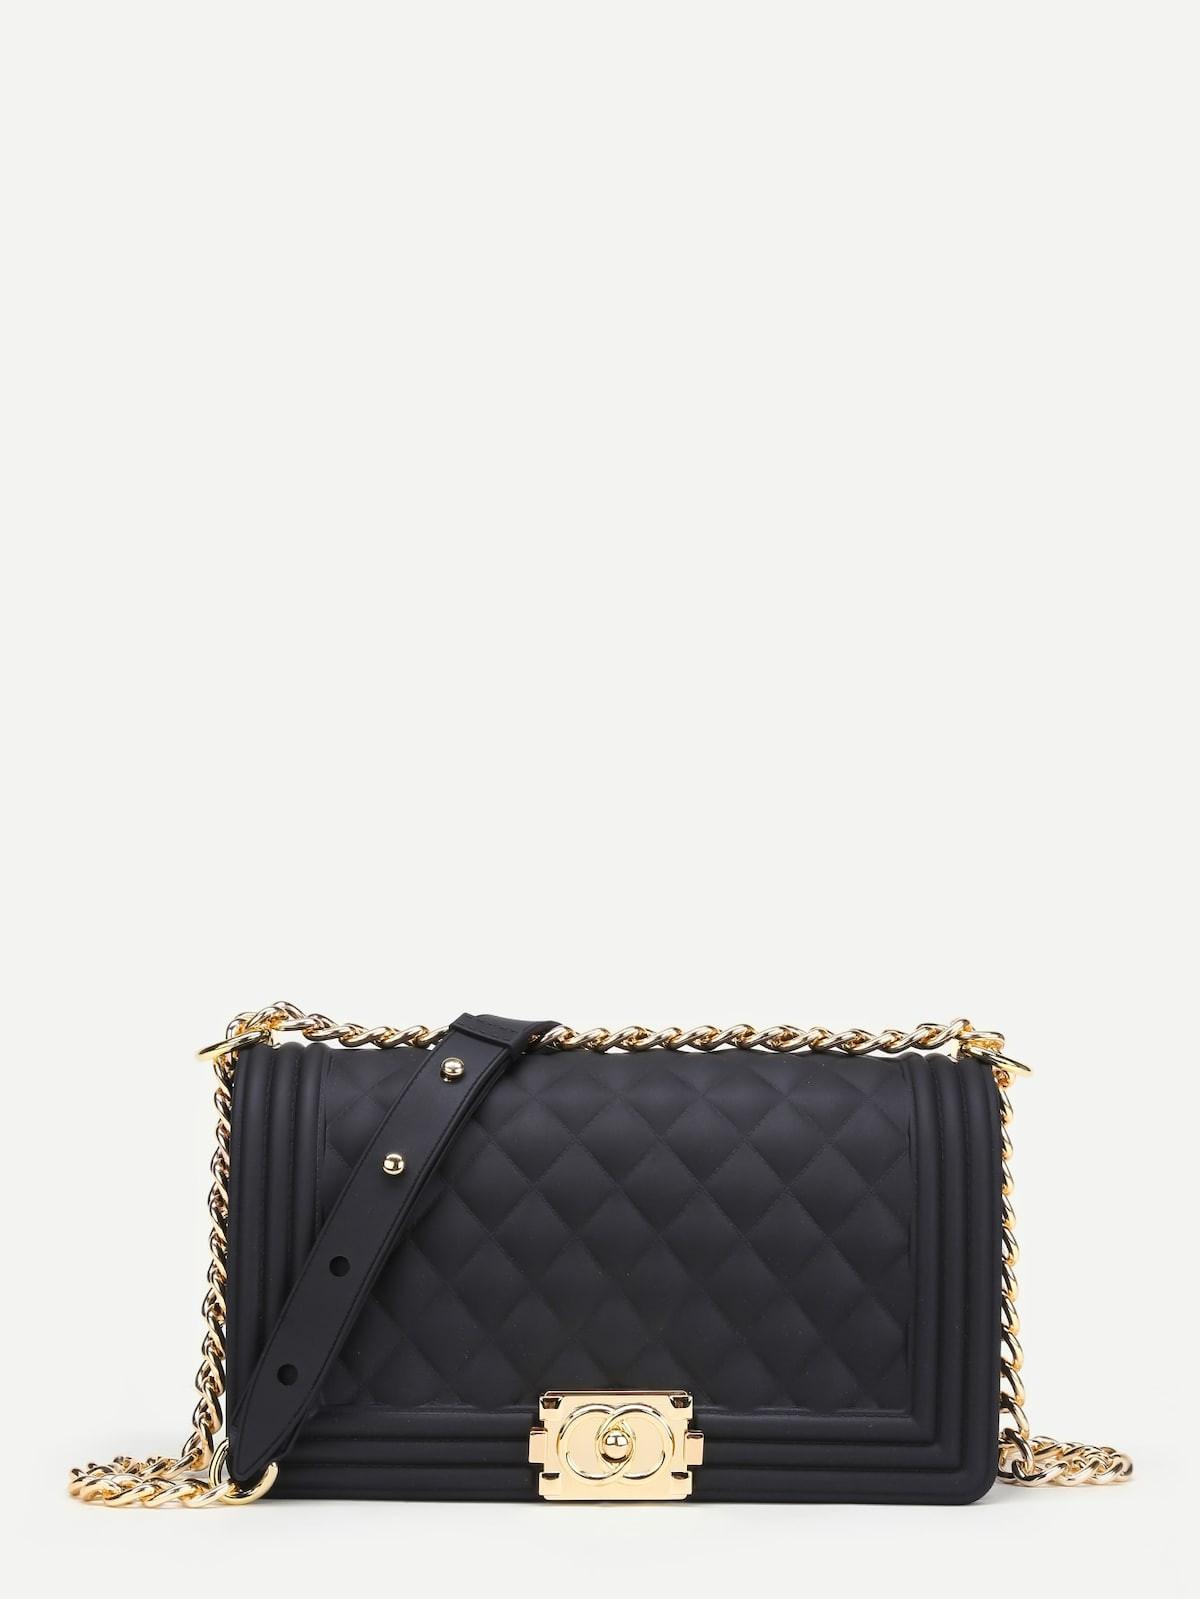 13 Amazing designer handbag dupes under £35 - Bang on Style f32ca06bf6b0e